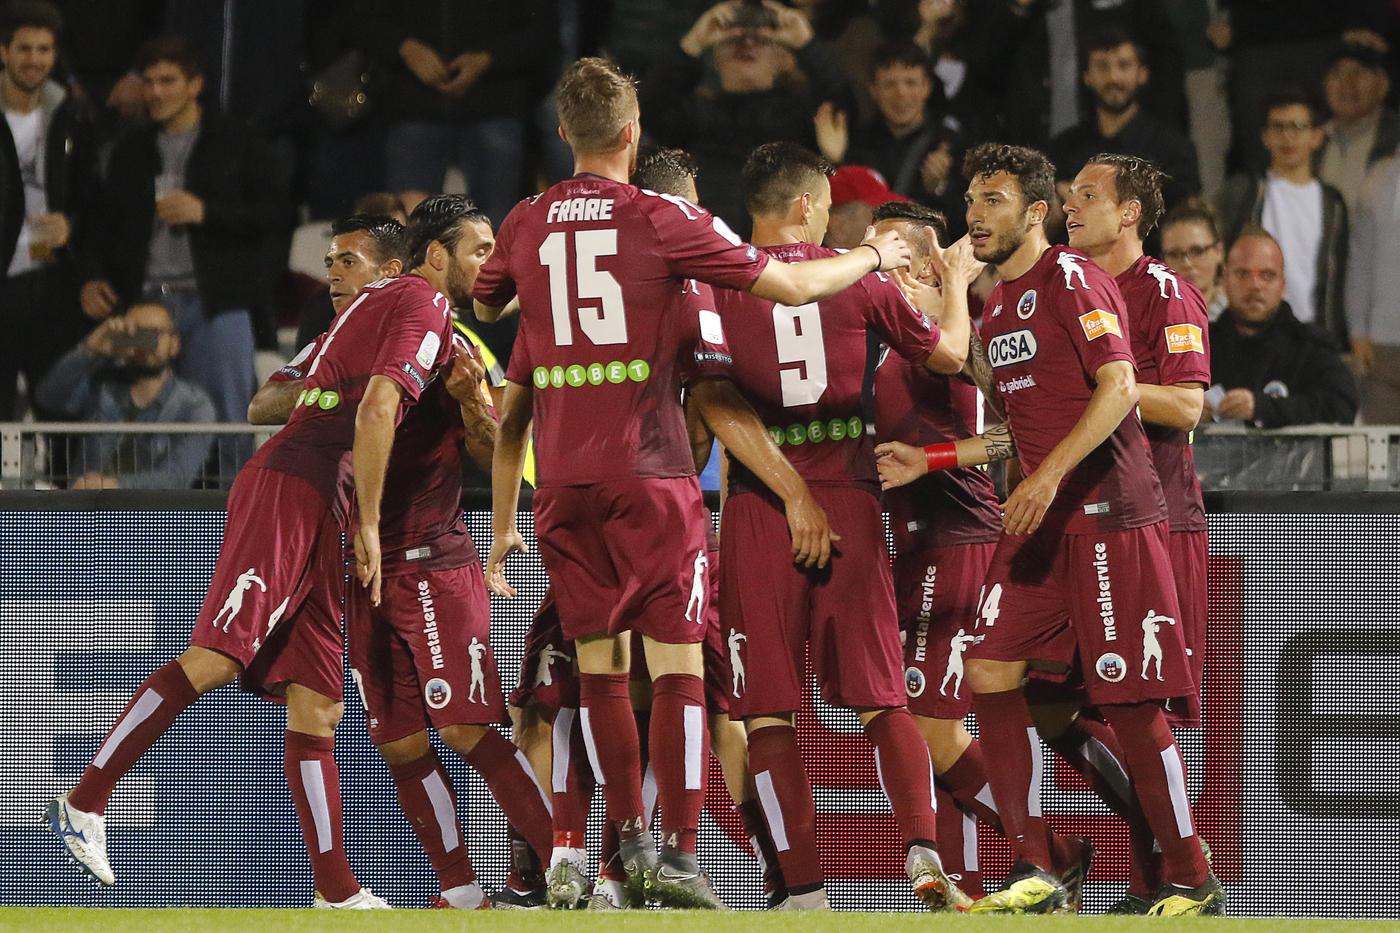 Le immagini della sfida d'andata di playoff tra Cittadella e Benevento